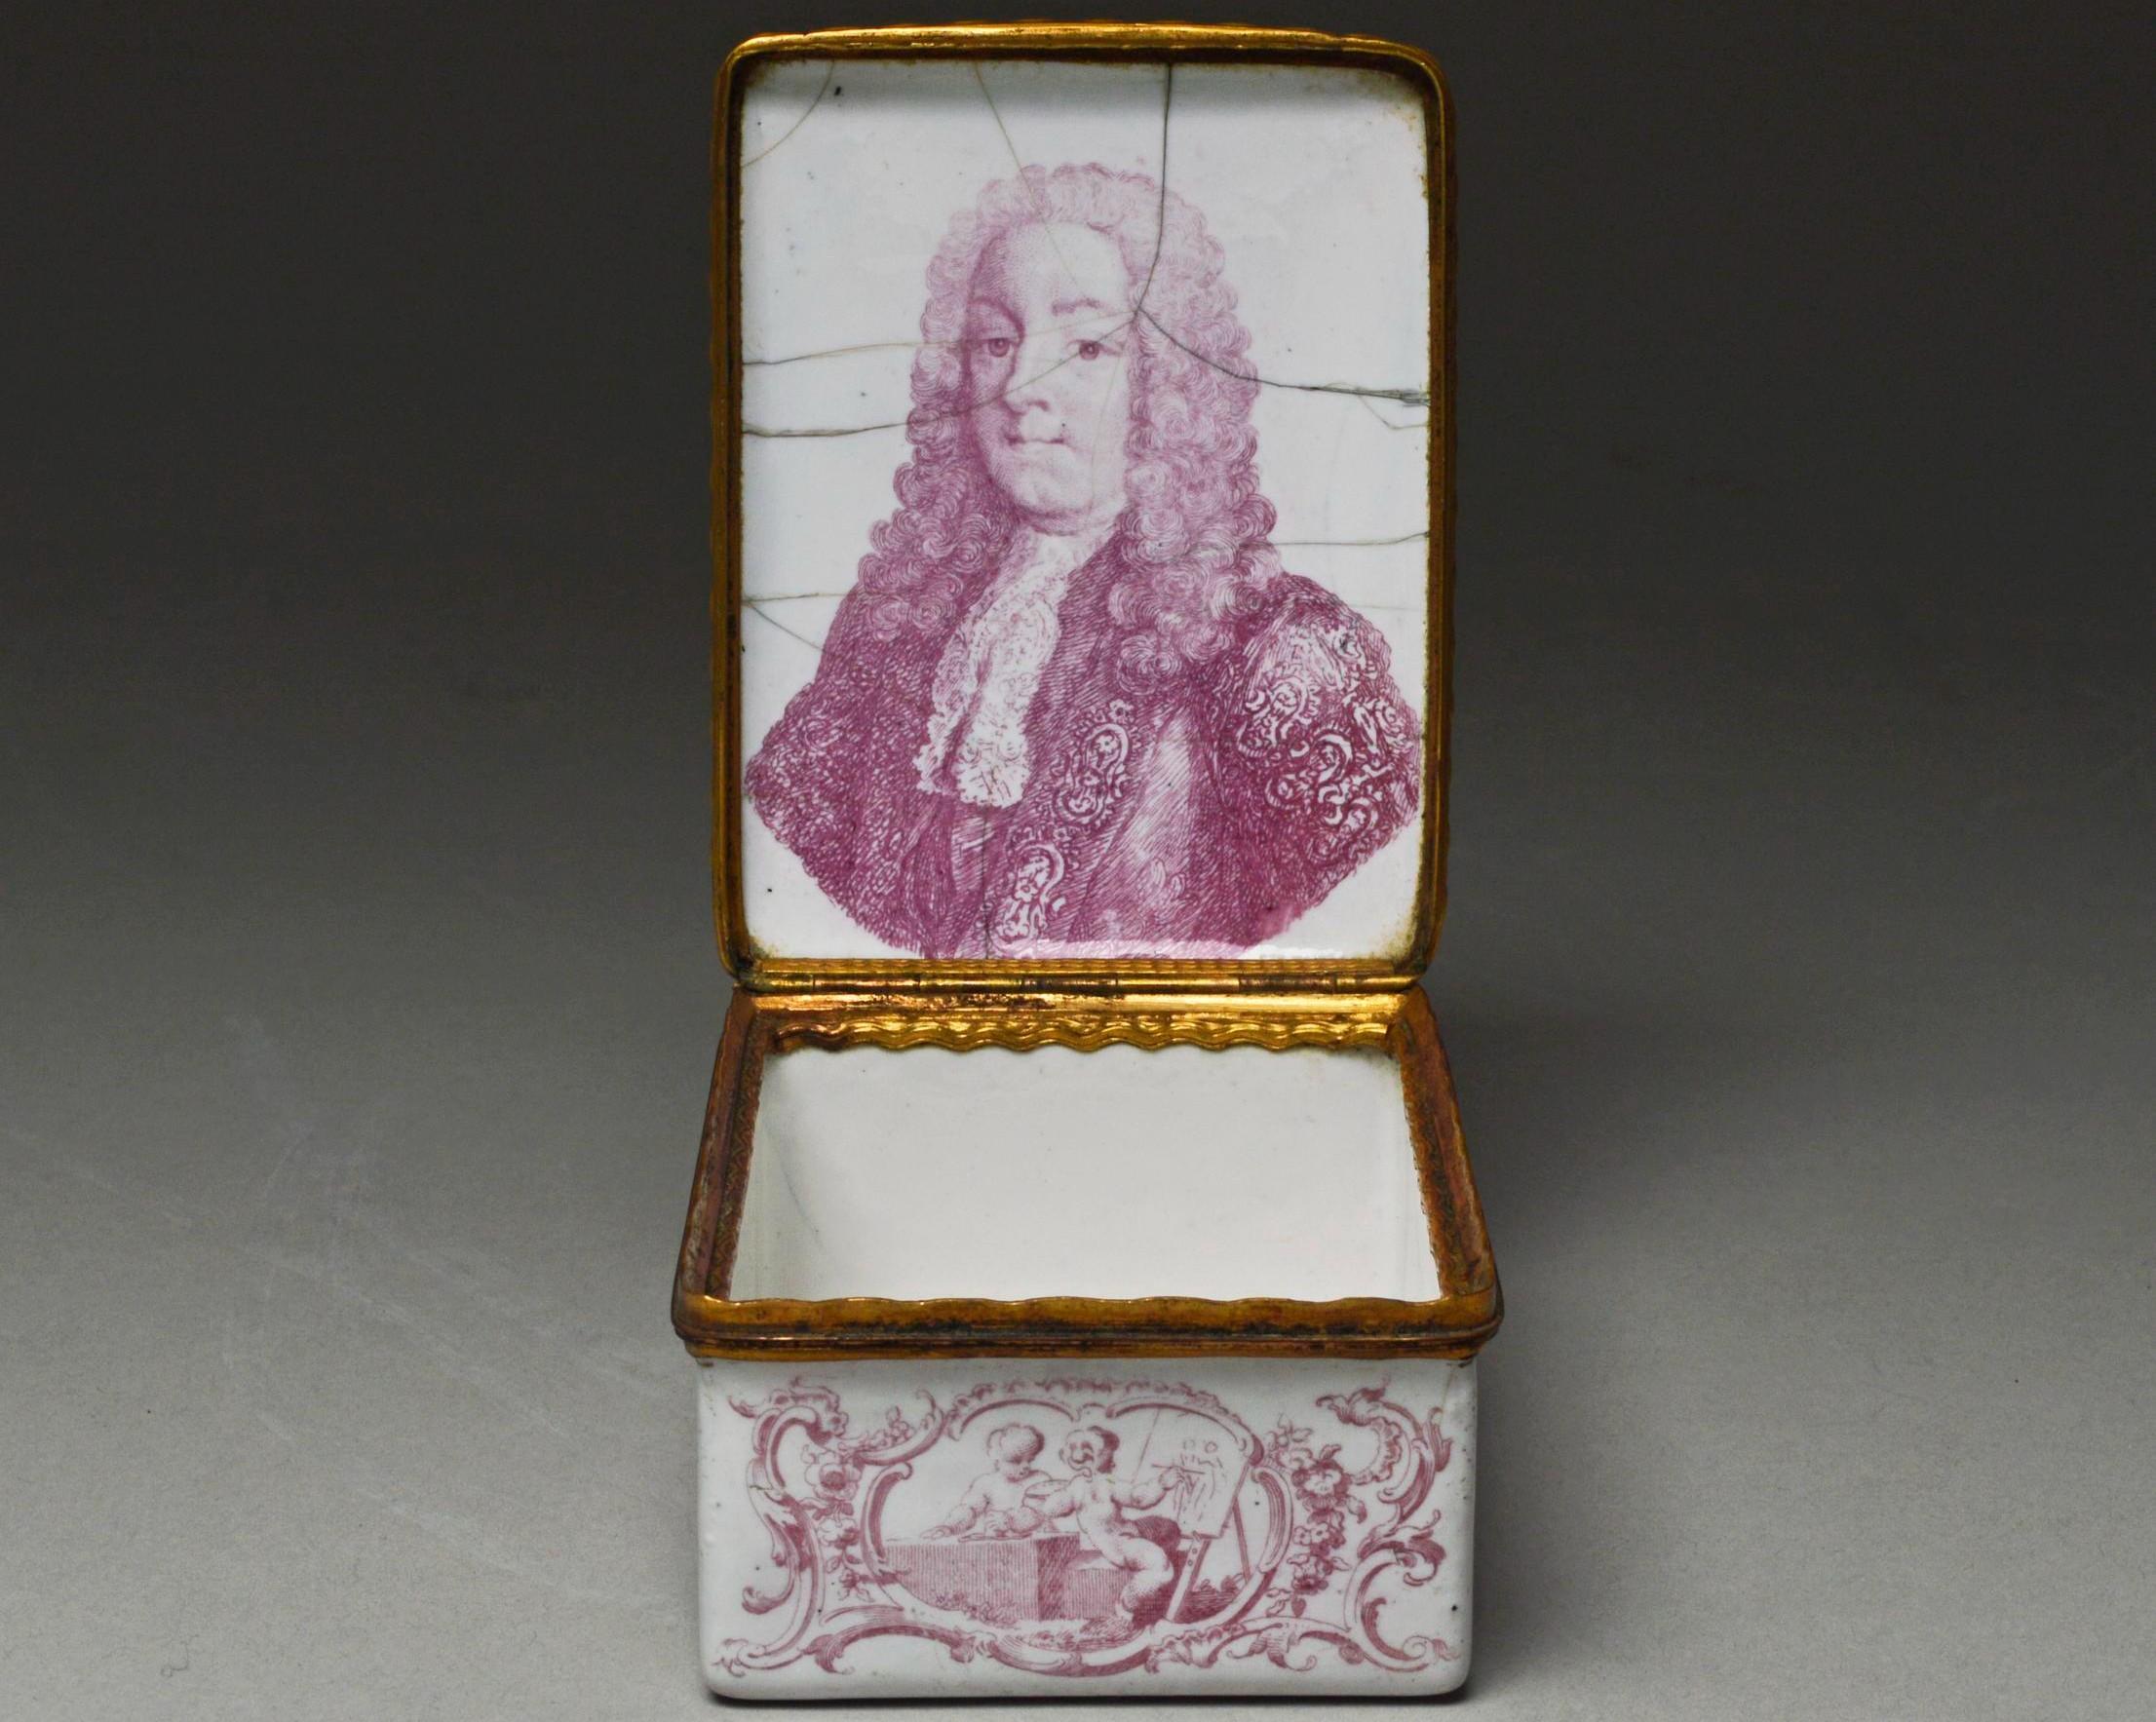 Interior Snuff-box © The Trustees of the British Museum